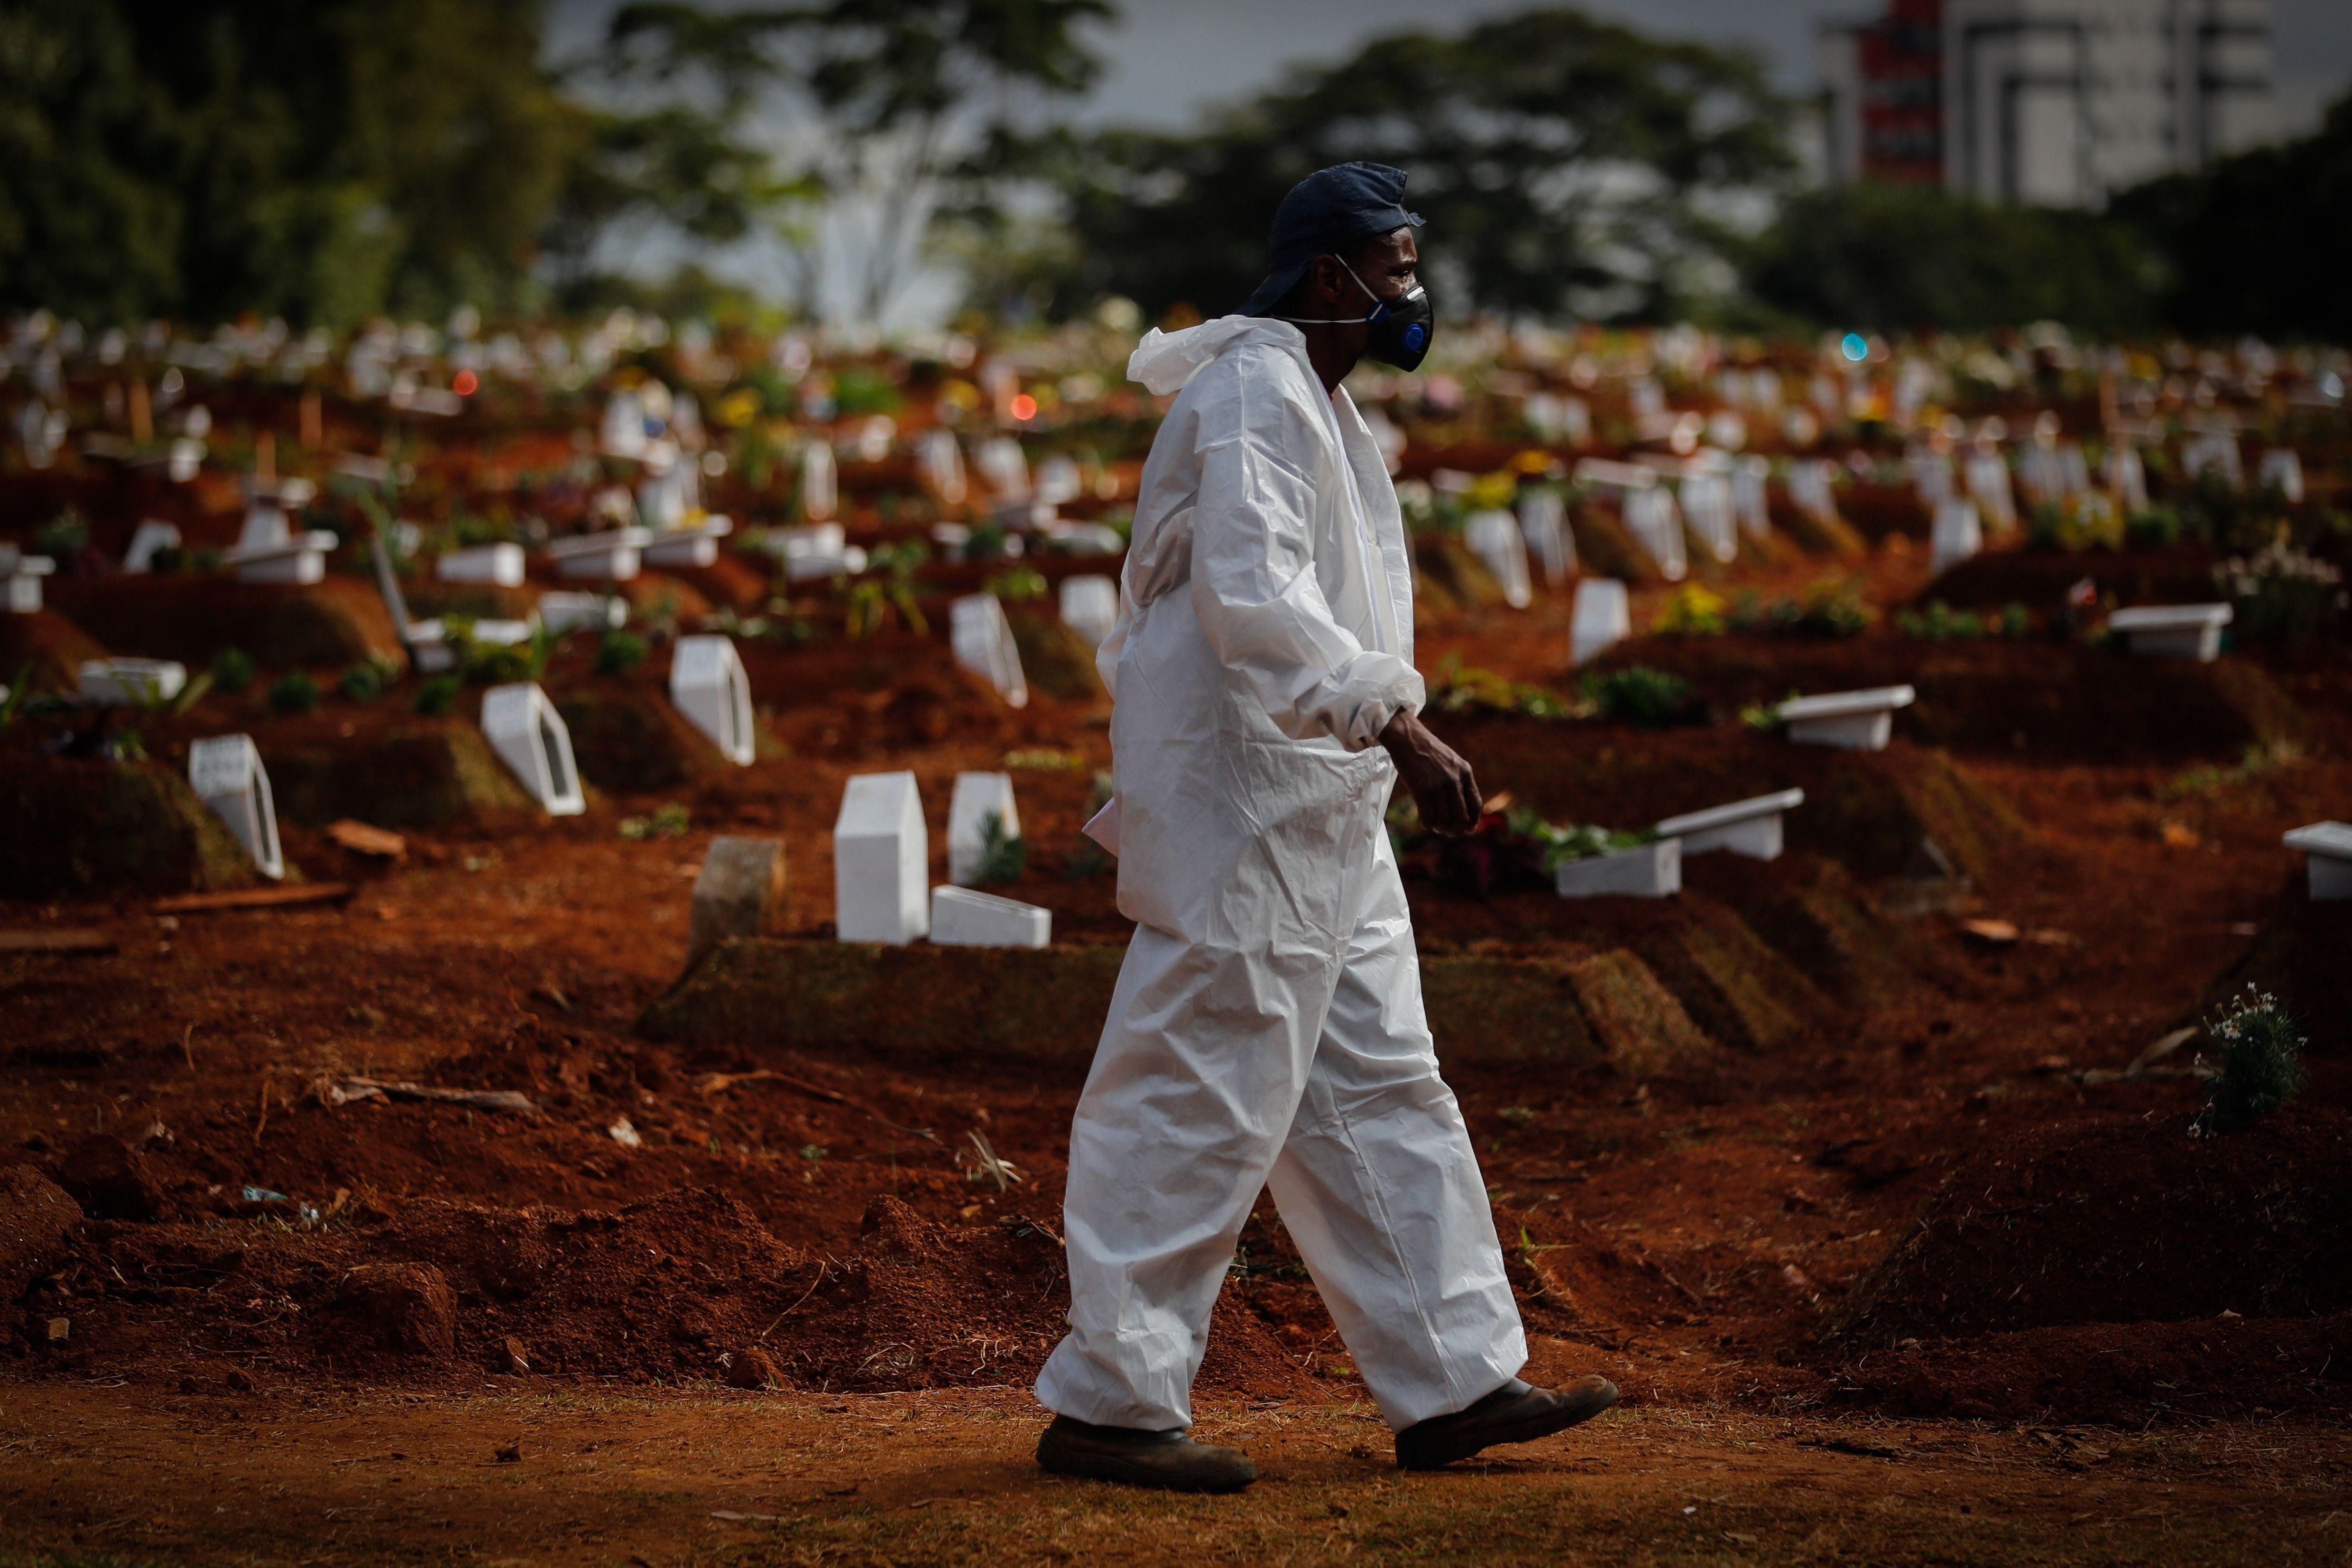 Un hombre trabaja enterrando víctimas de covid-19 en el Cementerio Vila Formosa, en Sao Paulo (Brasil). EFE/Fernando Bizerra Jr/Archivo